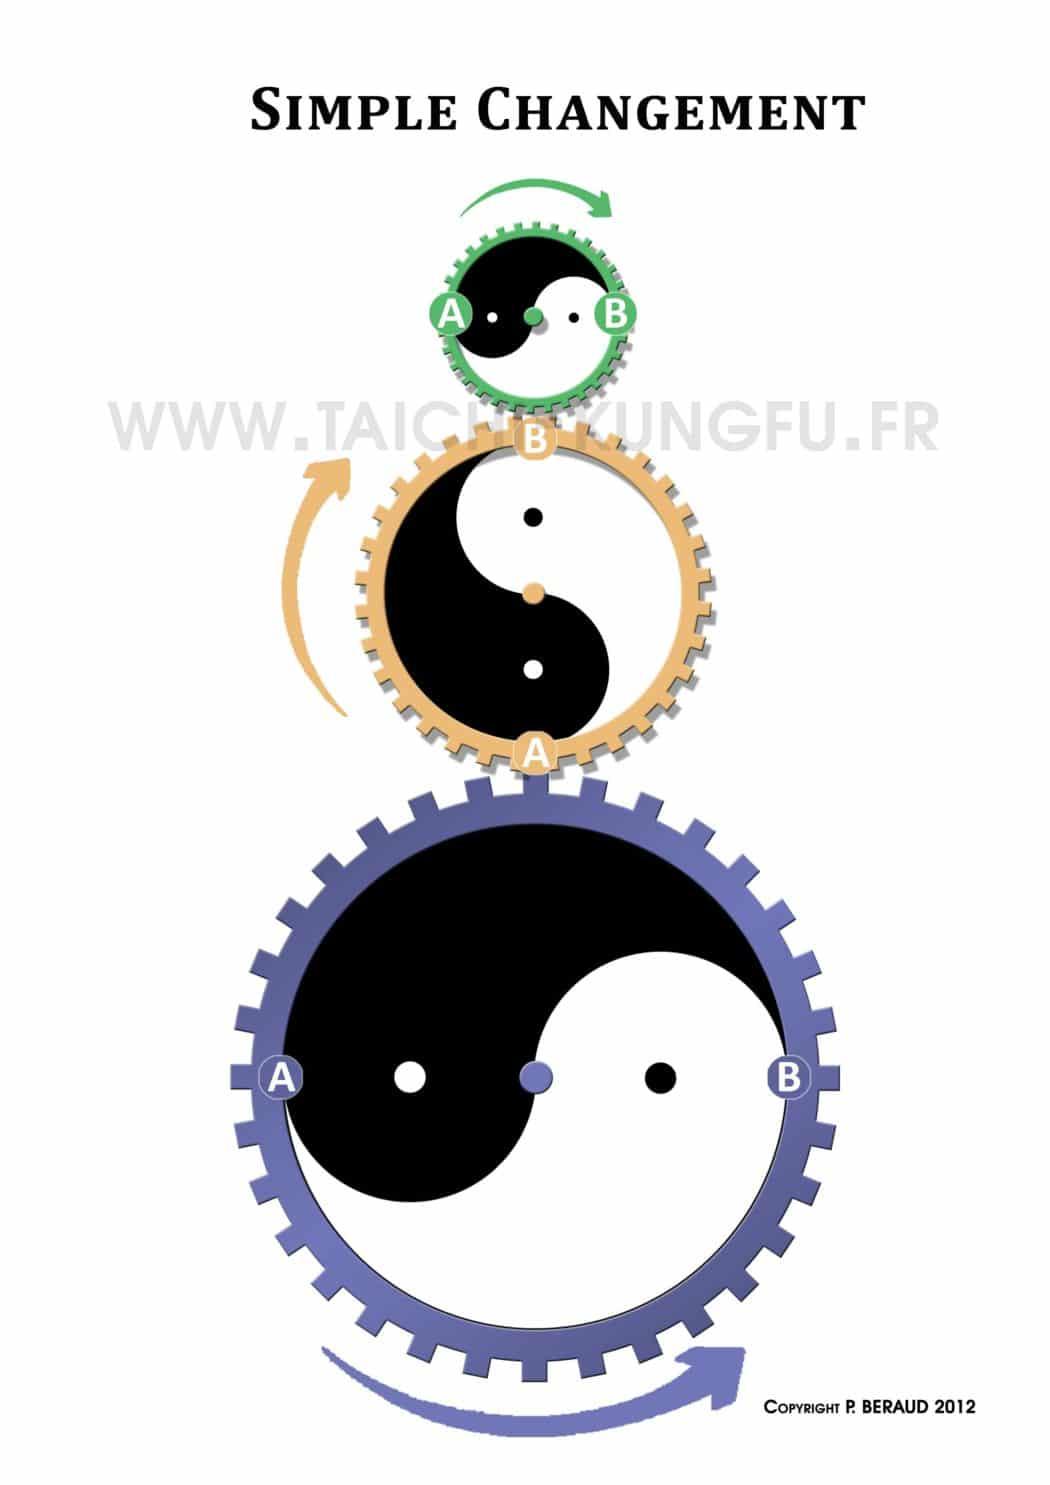 Méthode des 3 cercles - Club et cours de Tai Chi Chuan à Lyon (Taichi style Chen)